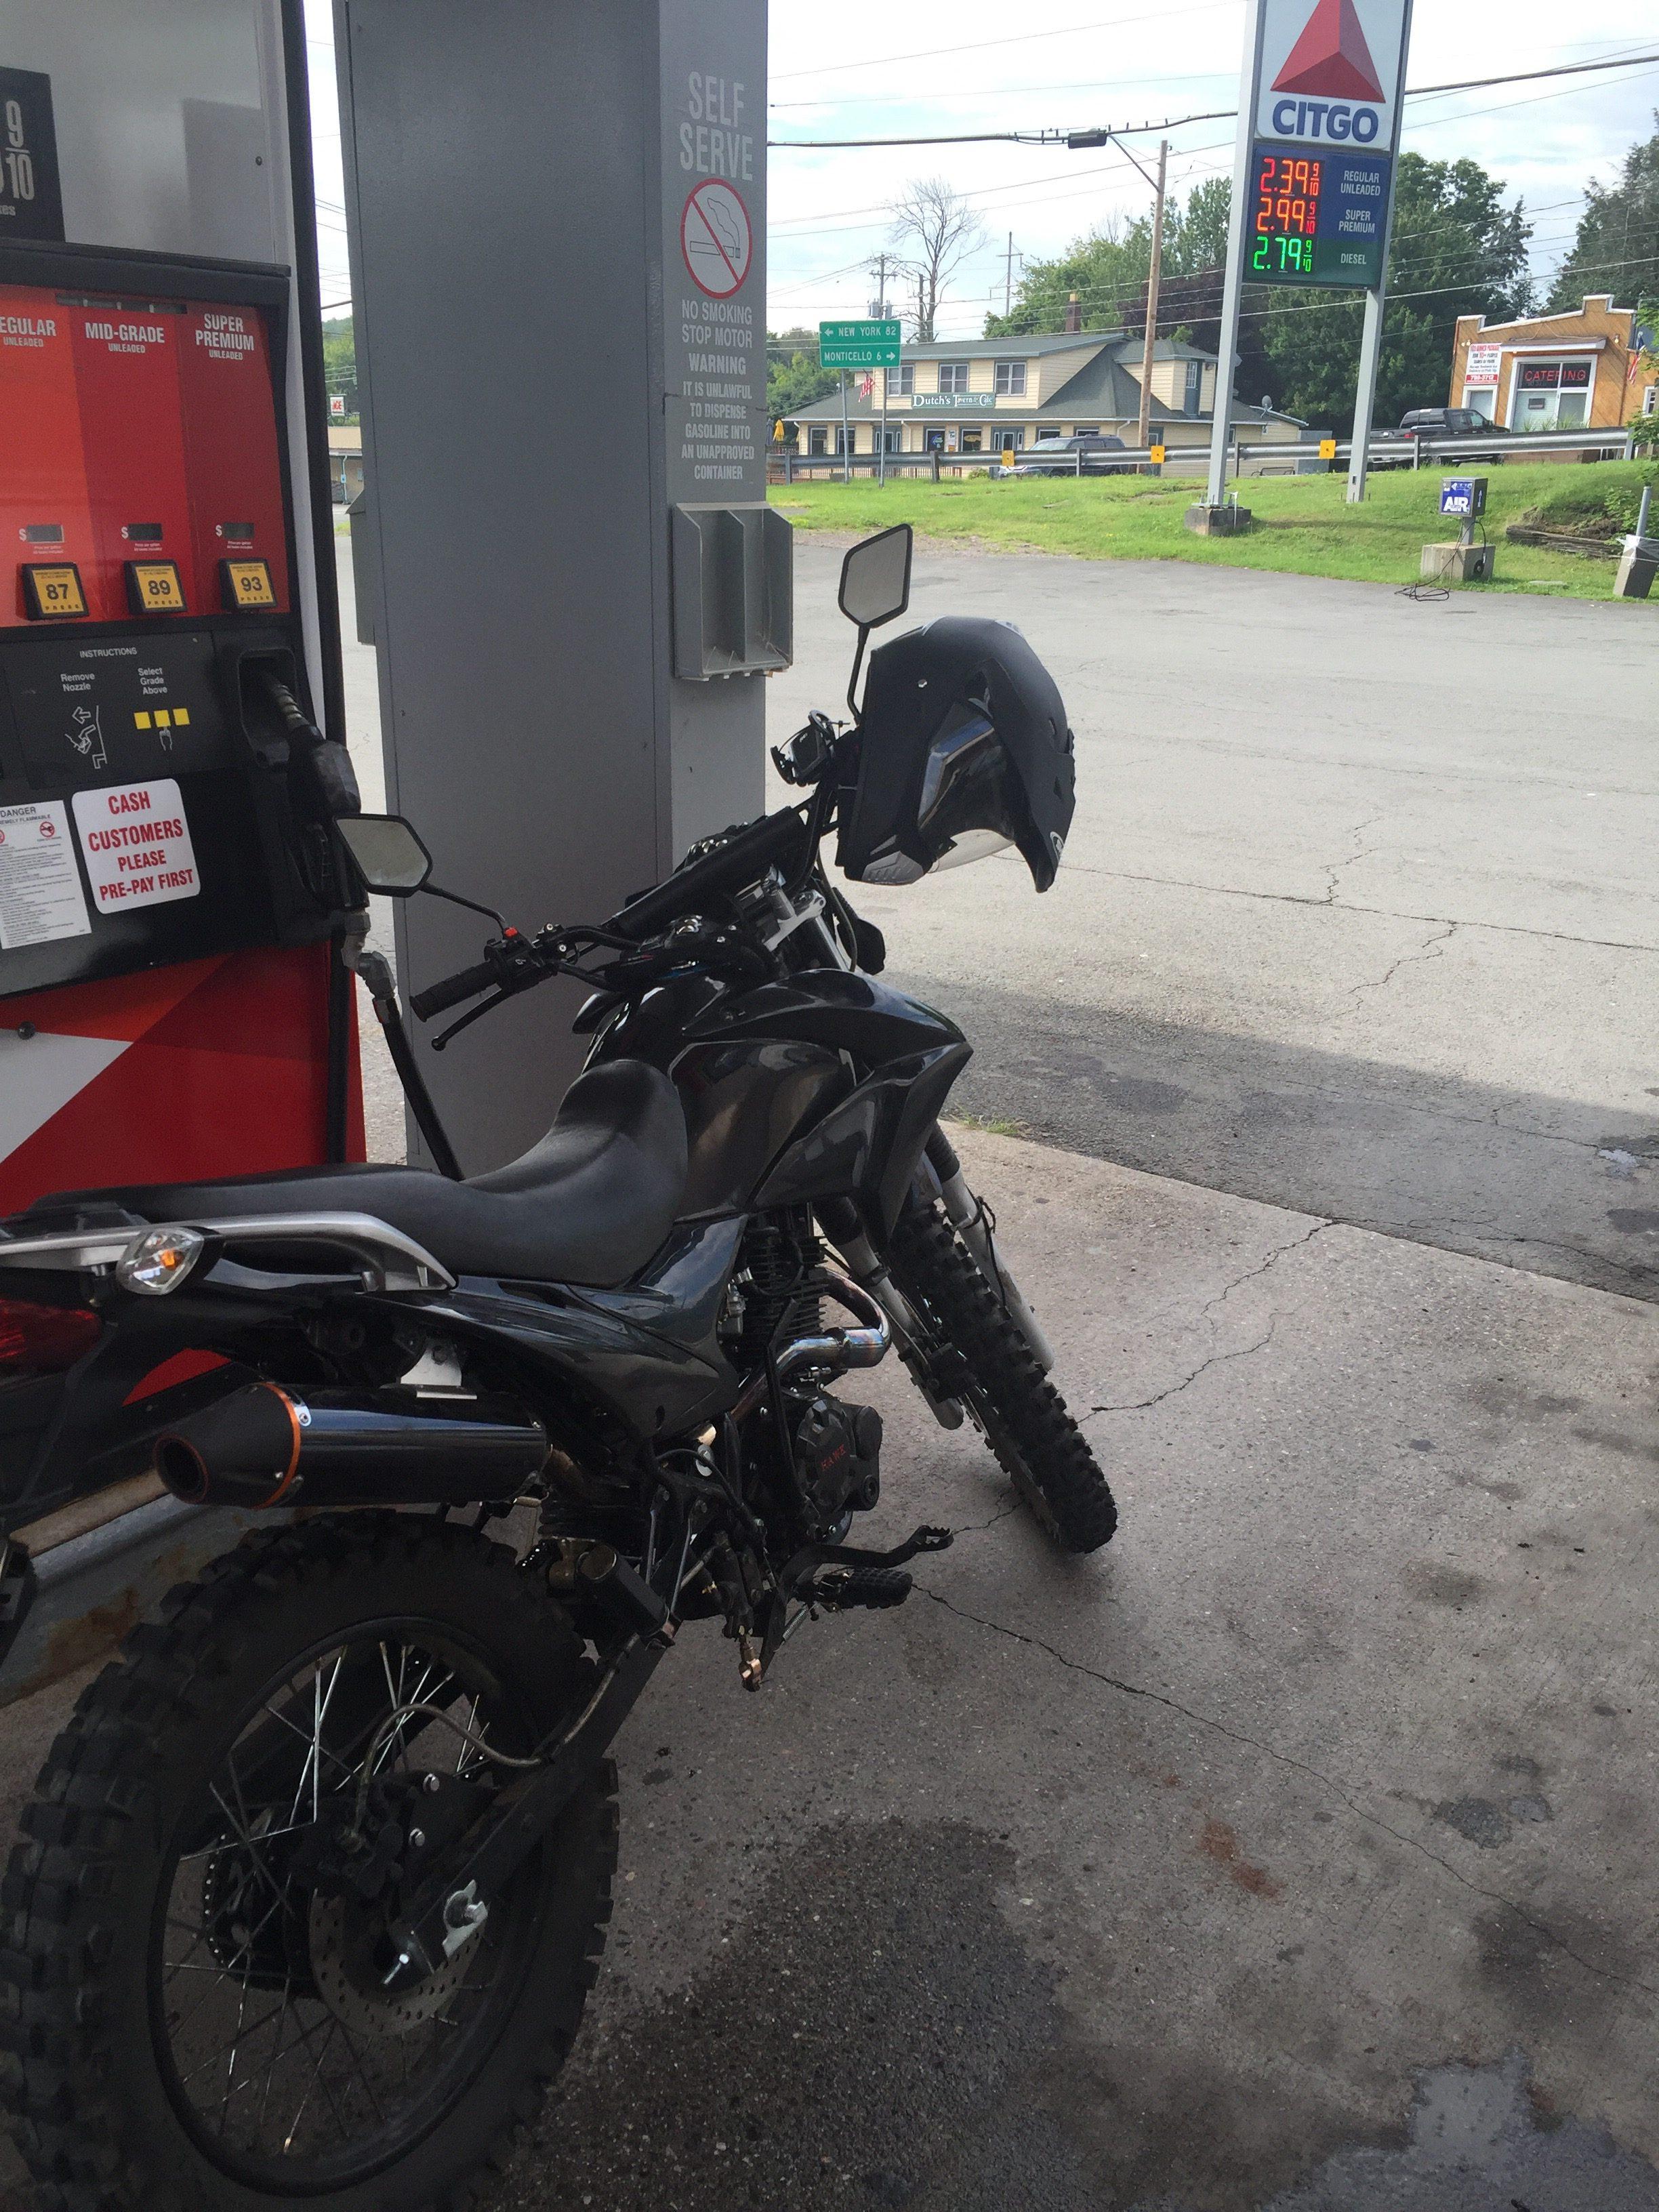 Hawk 250 Getting Some Gas